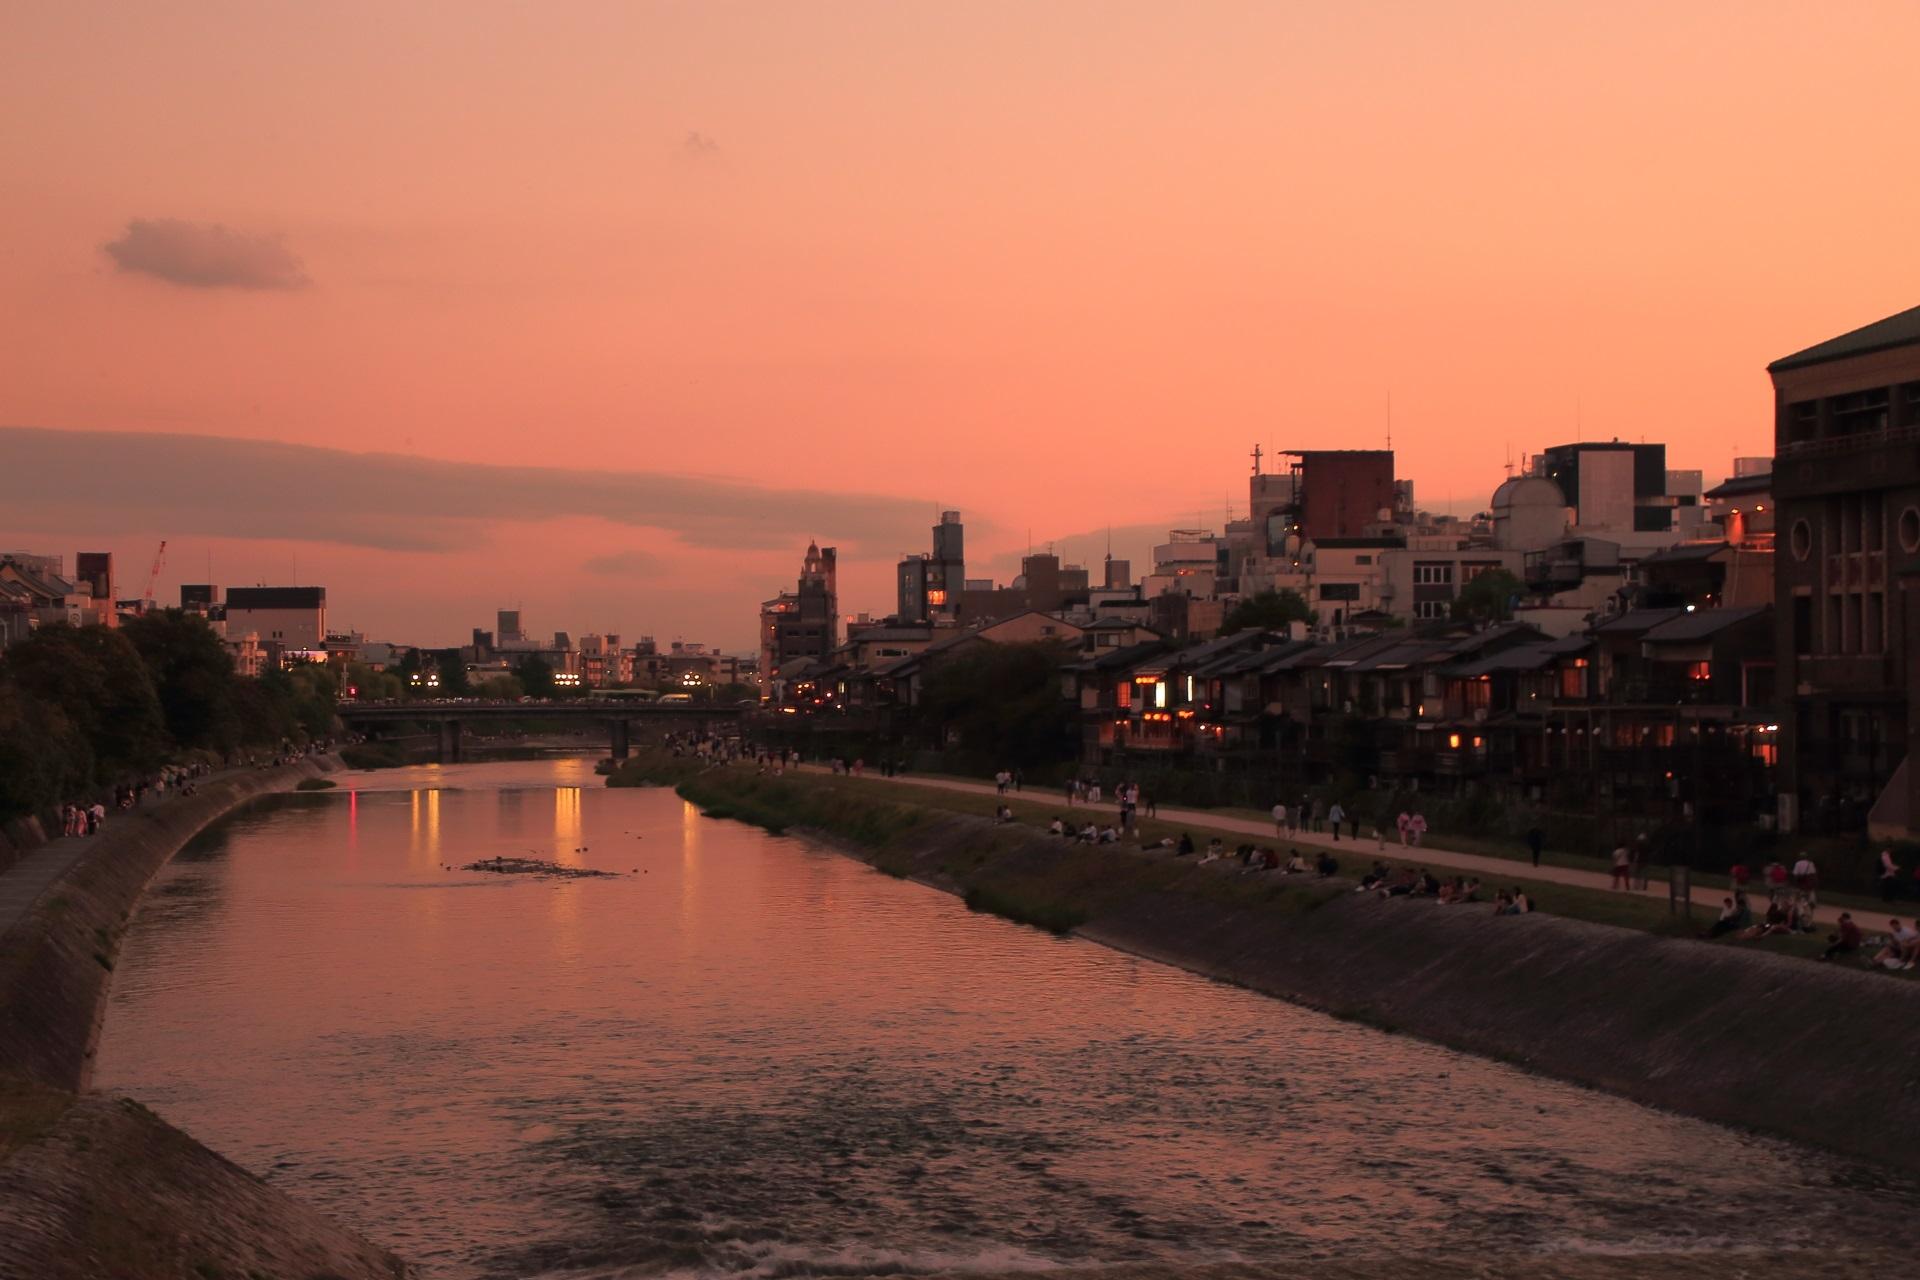 鴨川の美しい夕焼けの水鏡